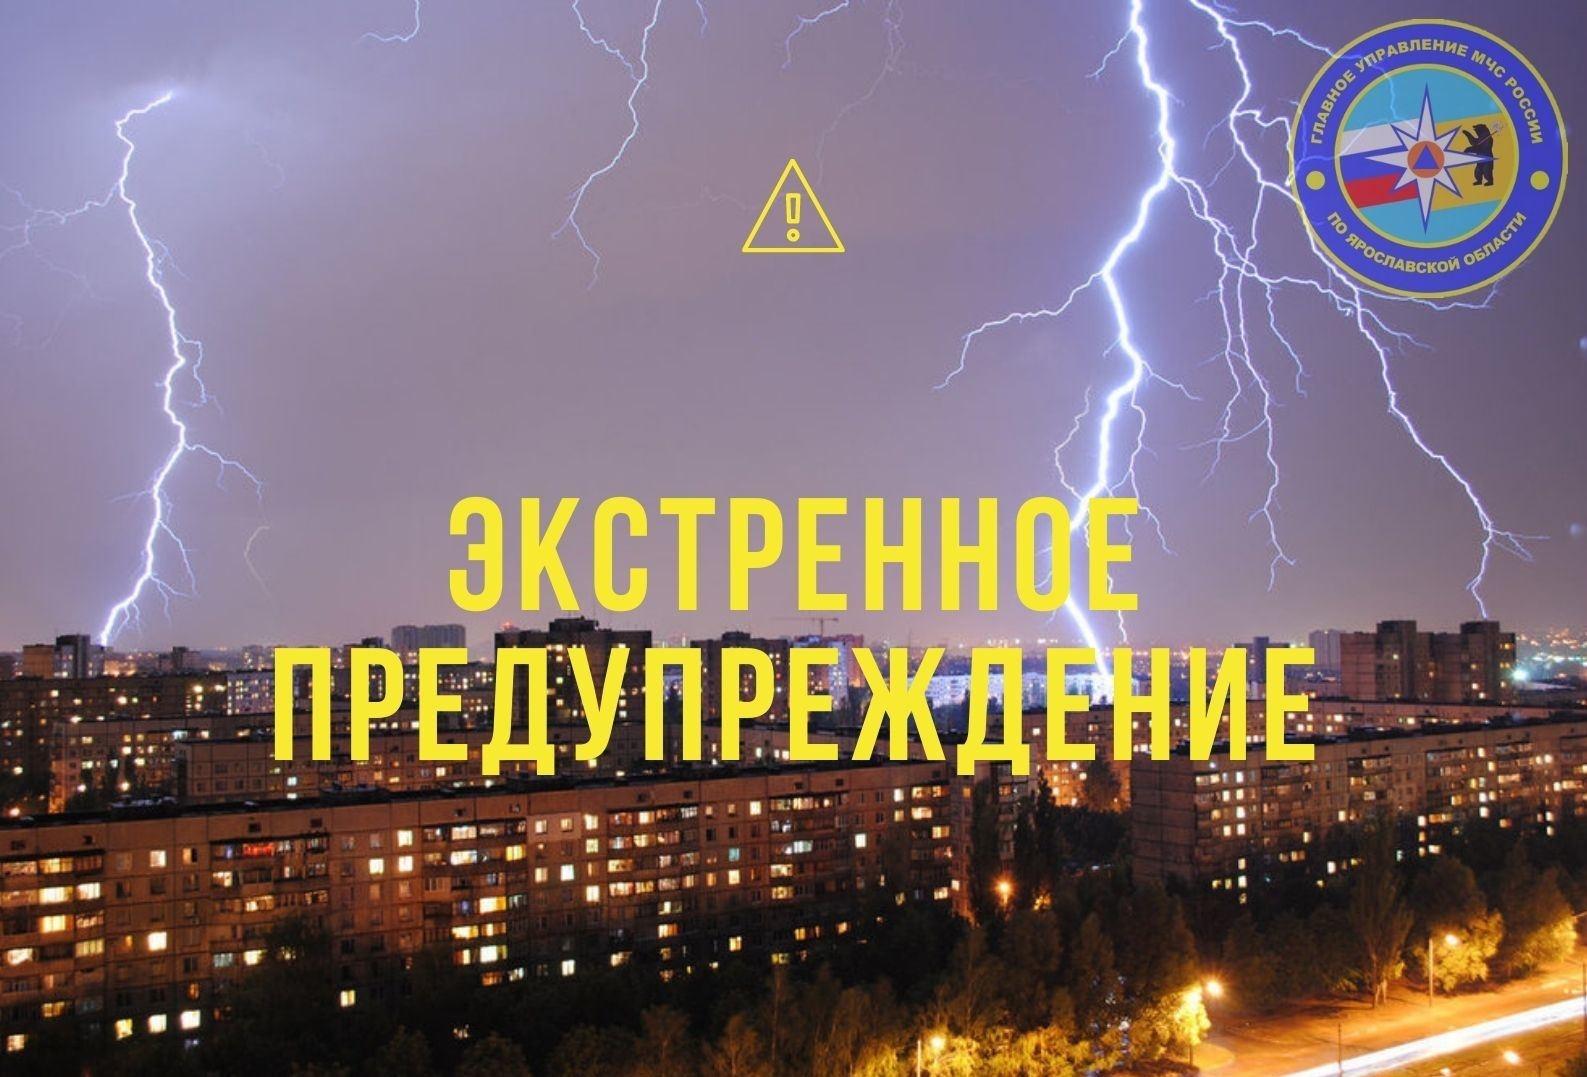 МЧС предупредило о грозах в Ярославле и области во вторник